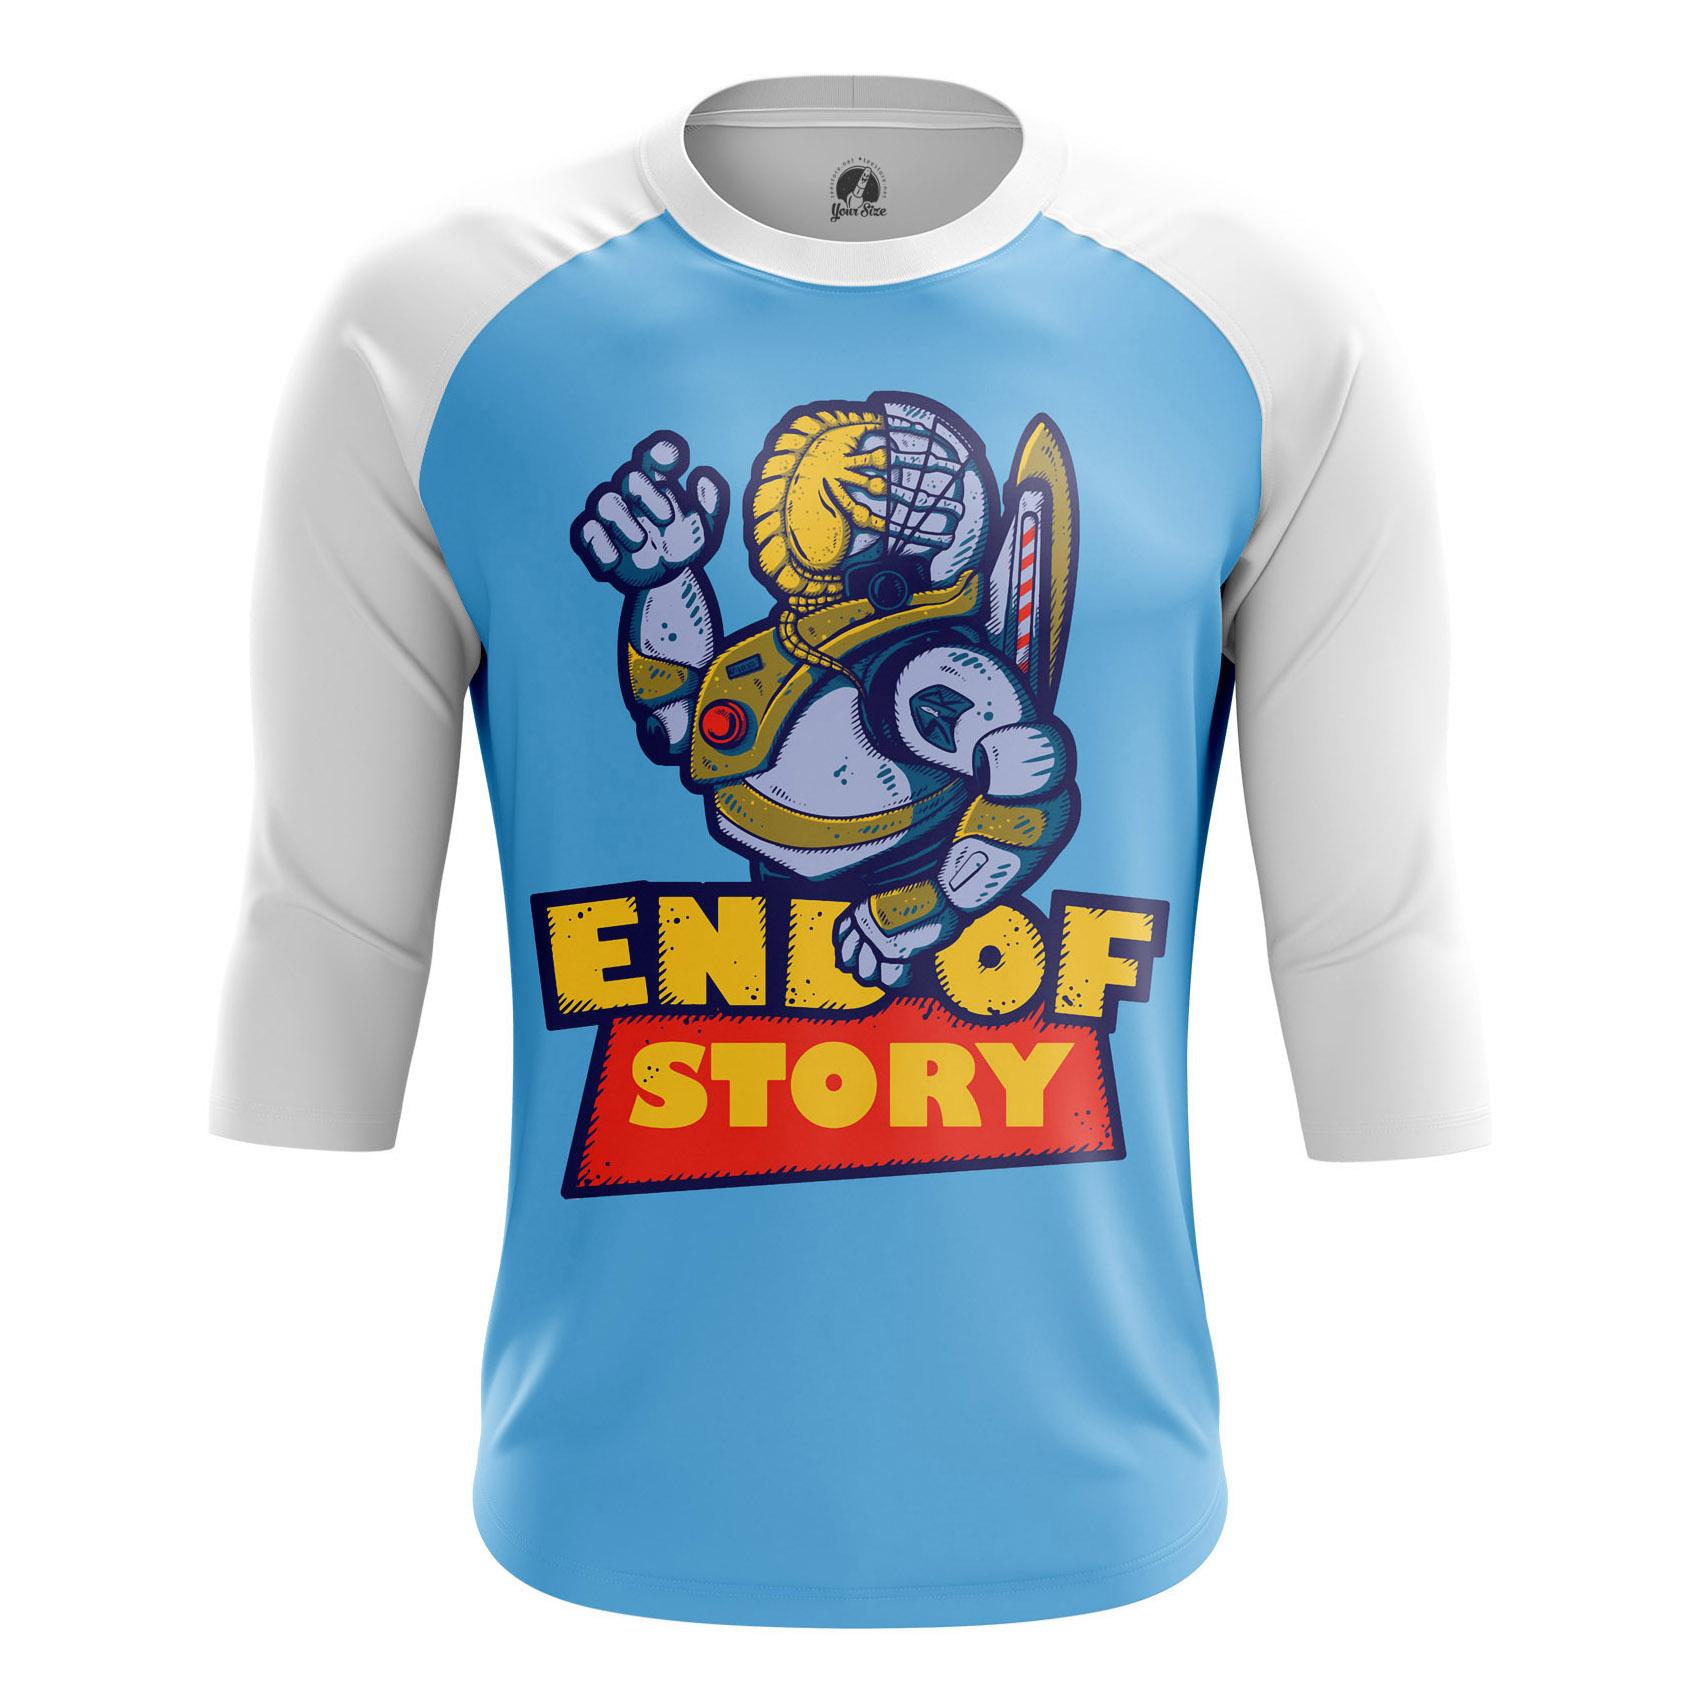 - M Rag Endofstory 1482275310 229